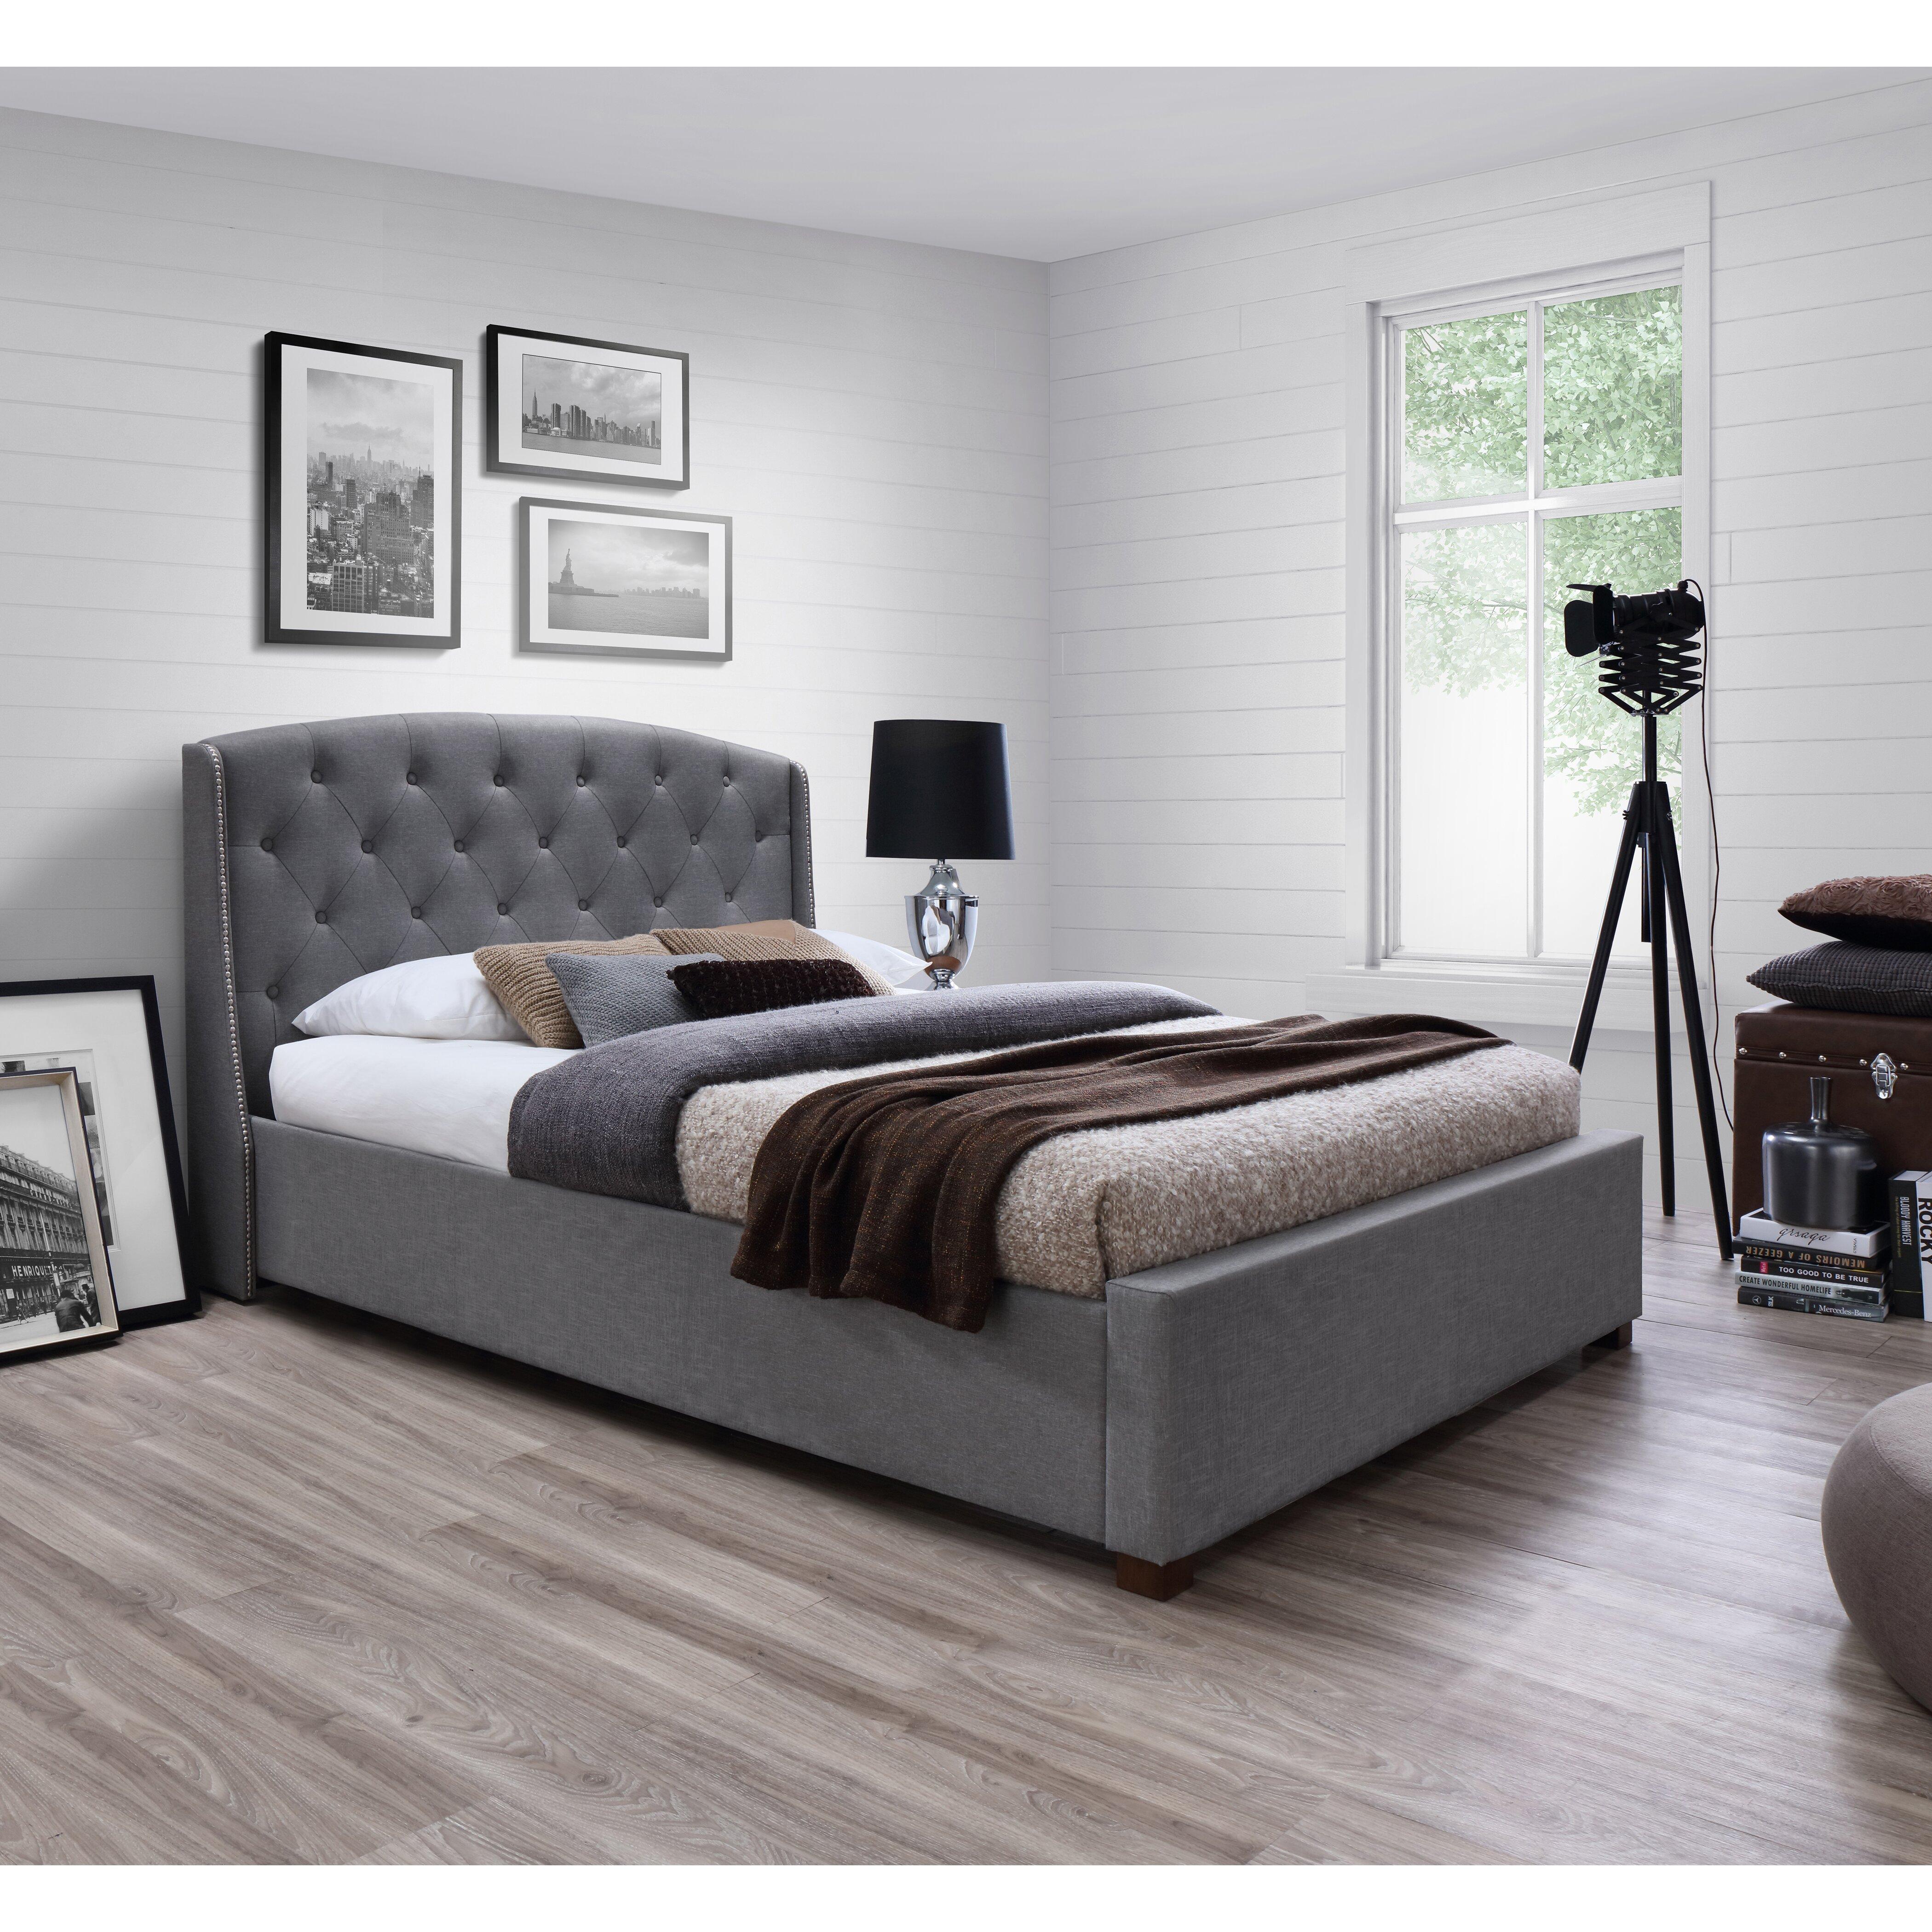 J M Furniture Upholstered Platform Bed Reviews Wayfair